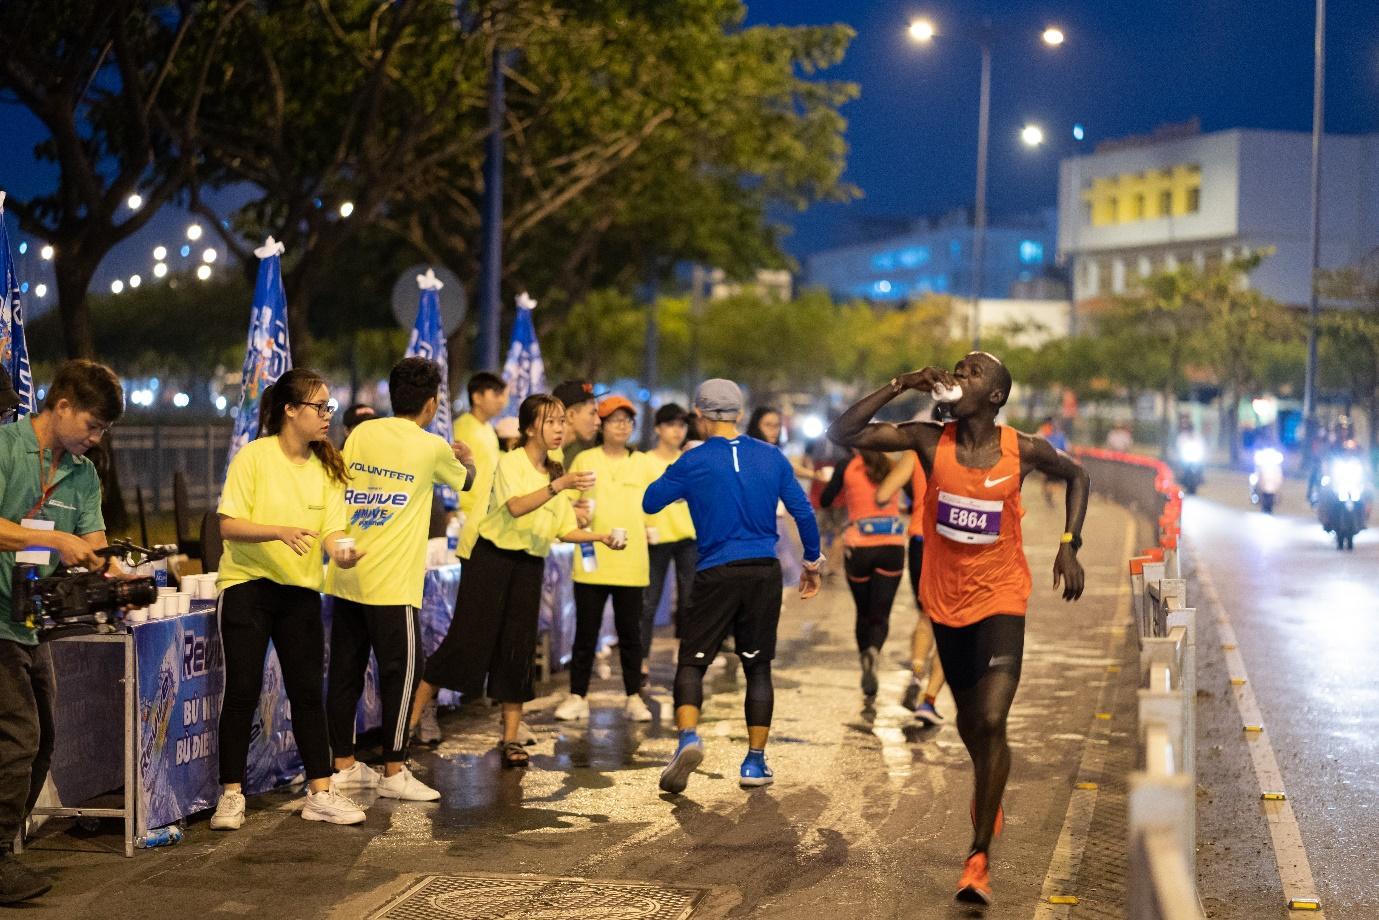 50 sắc thái độc lạ của các runners trên đường chạy marathon - Ảnh 7.